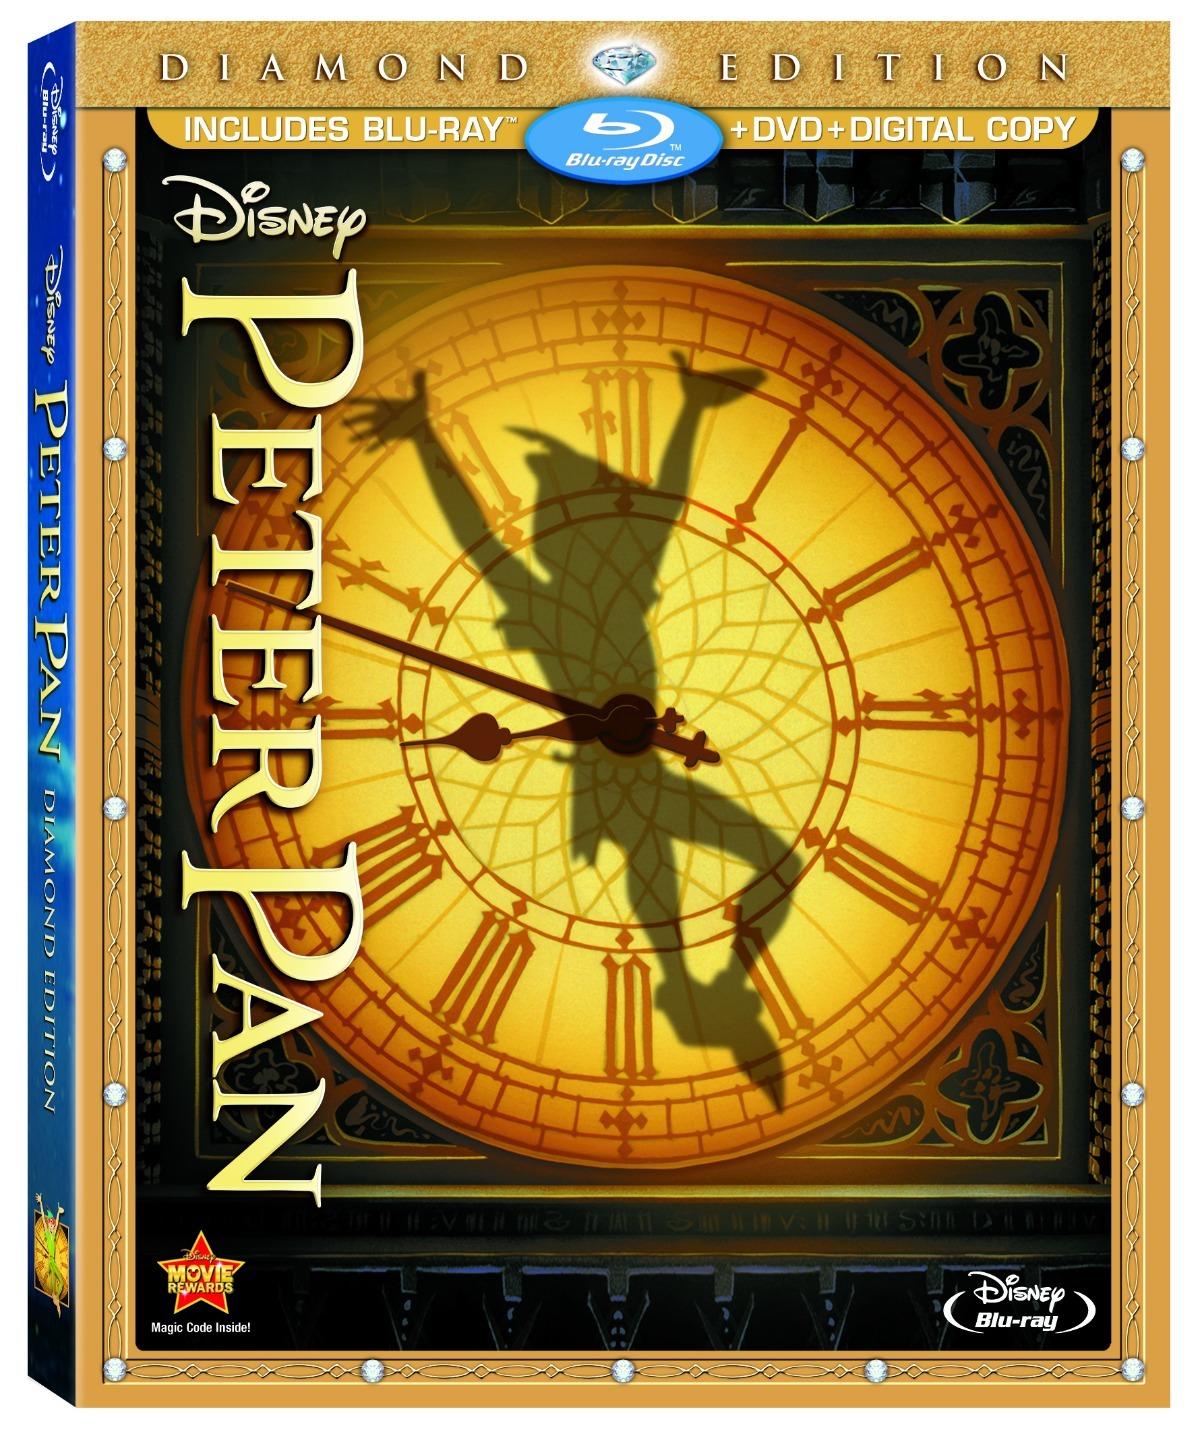 Les jaquettes DVD et Blu-ray des futurs Disney - Page 6 Tumblr_mb2uu1hRZt1qa6obyo1_1280